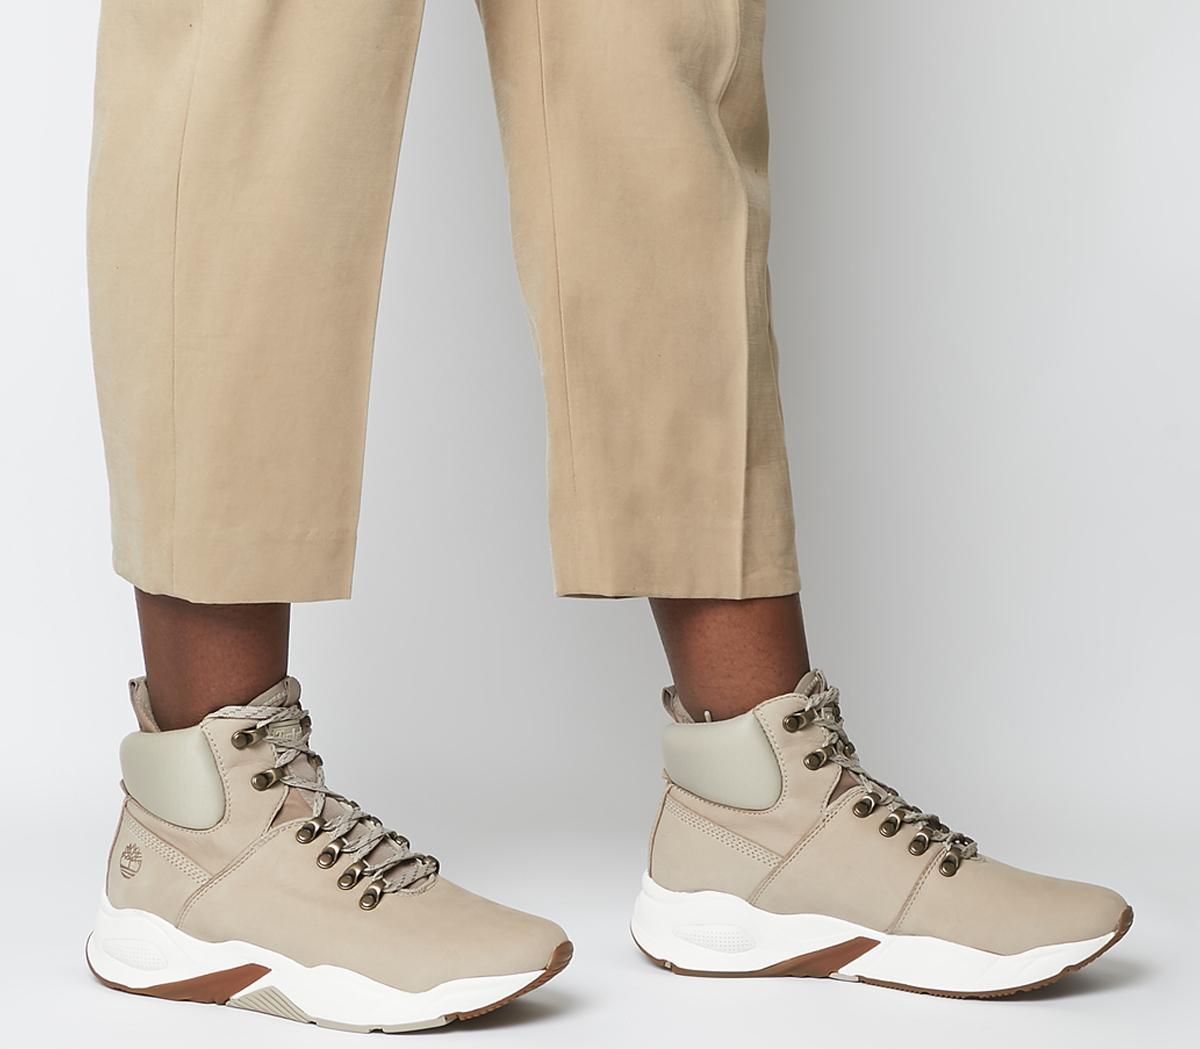 Delphiville Hiker Boots